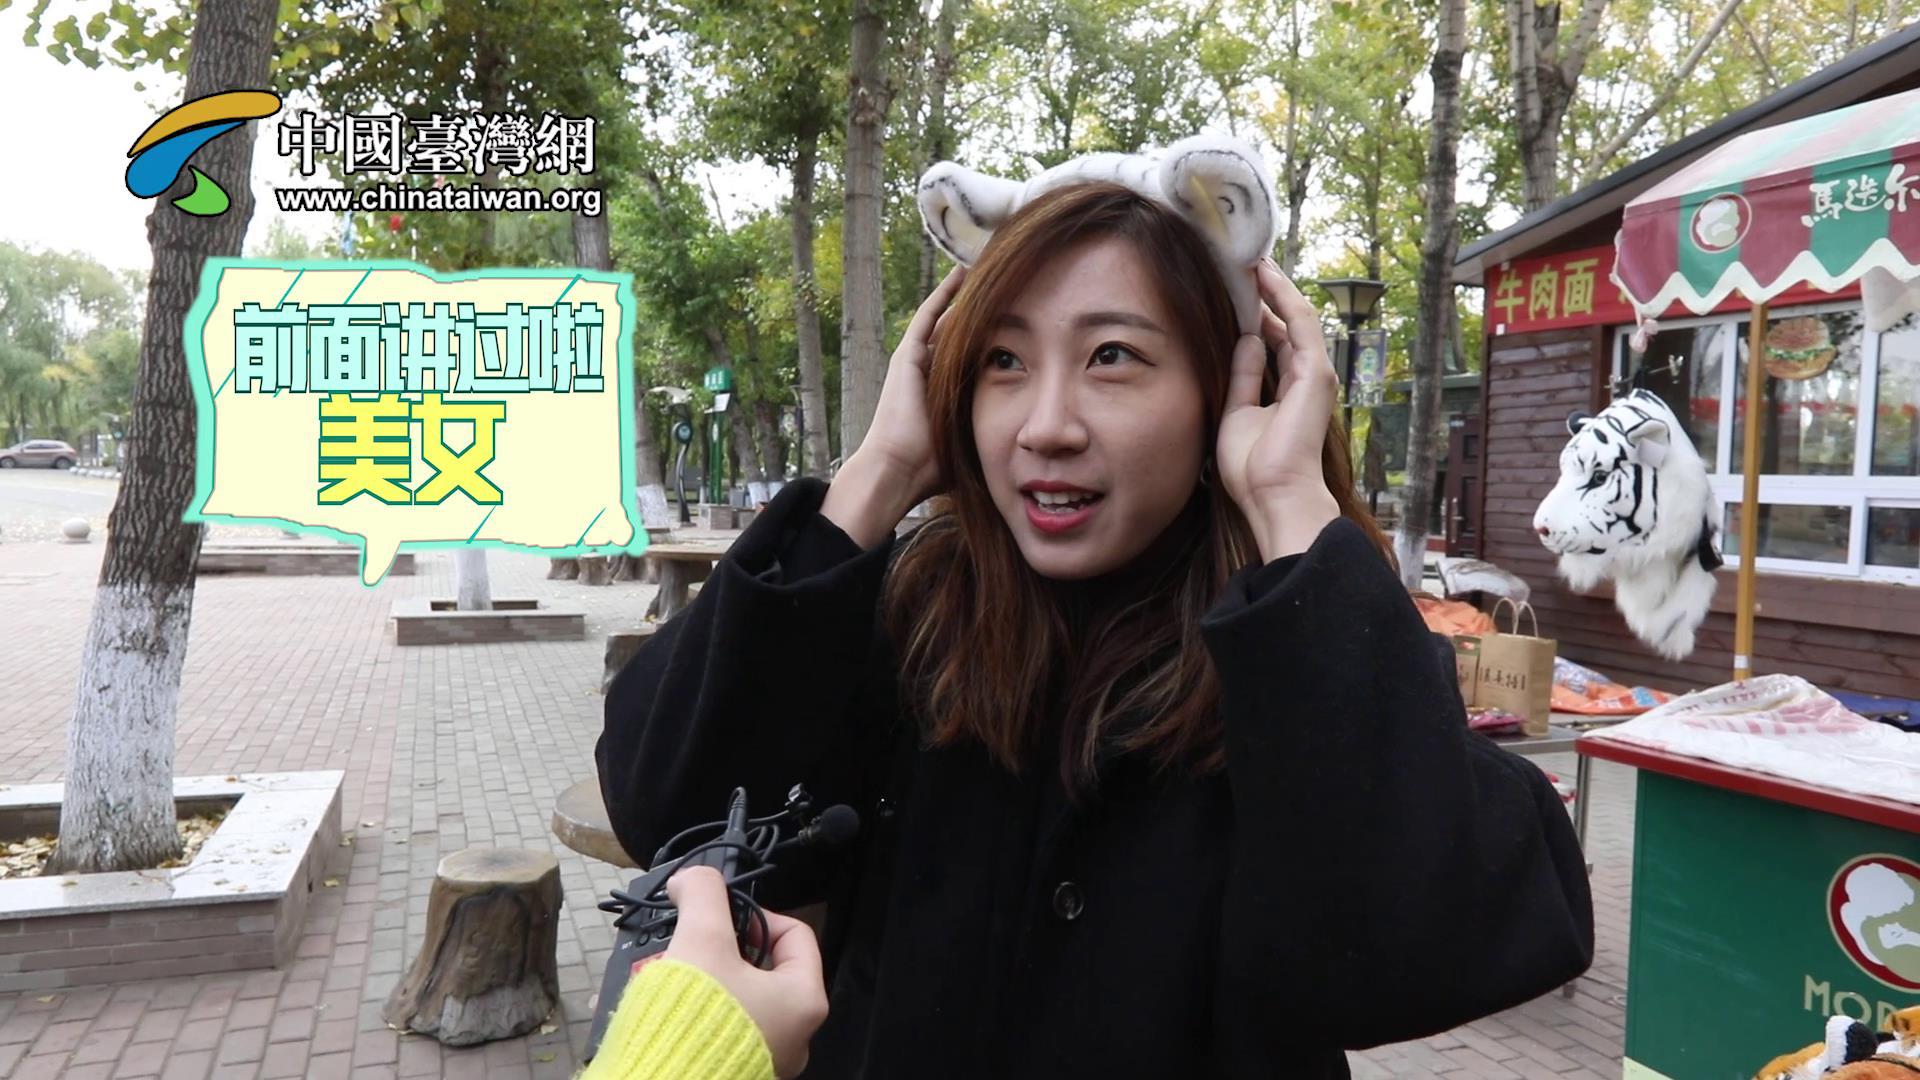 【黑龍江篇】玩嗨了!臺灣小姐姐參訪東北虎林園圖片